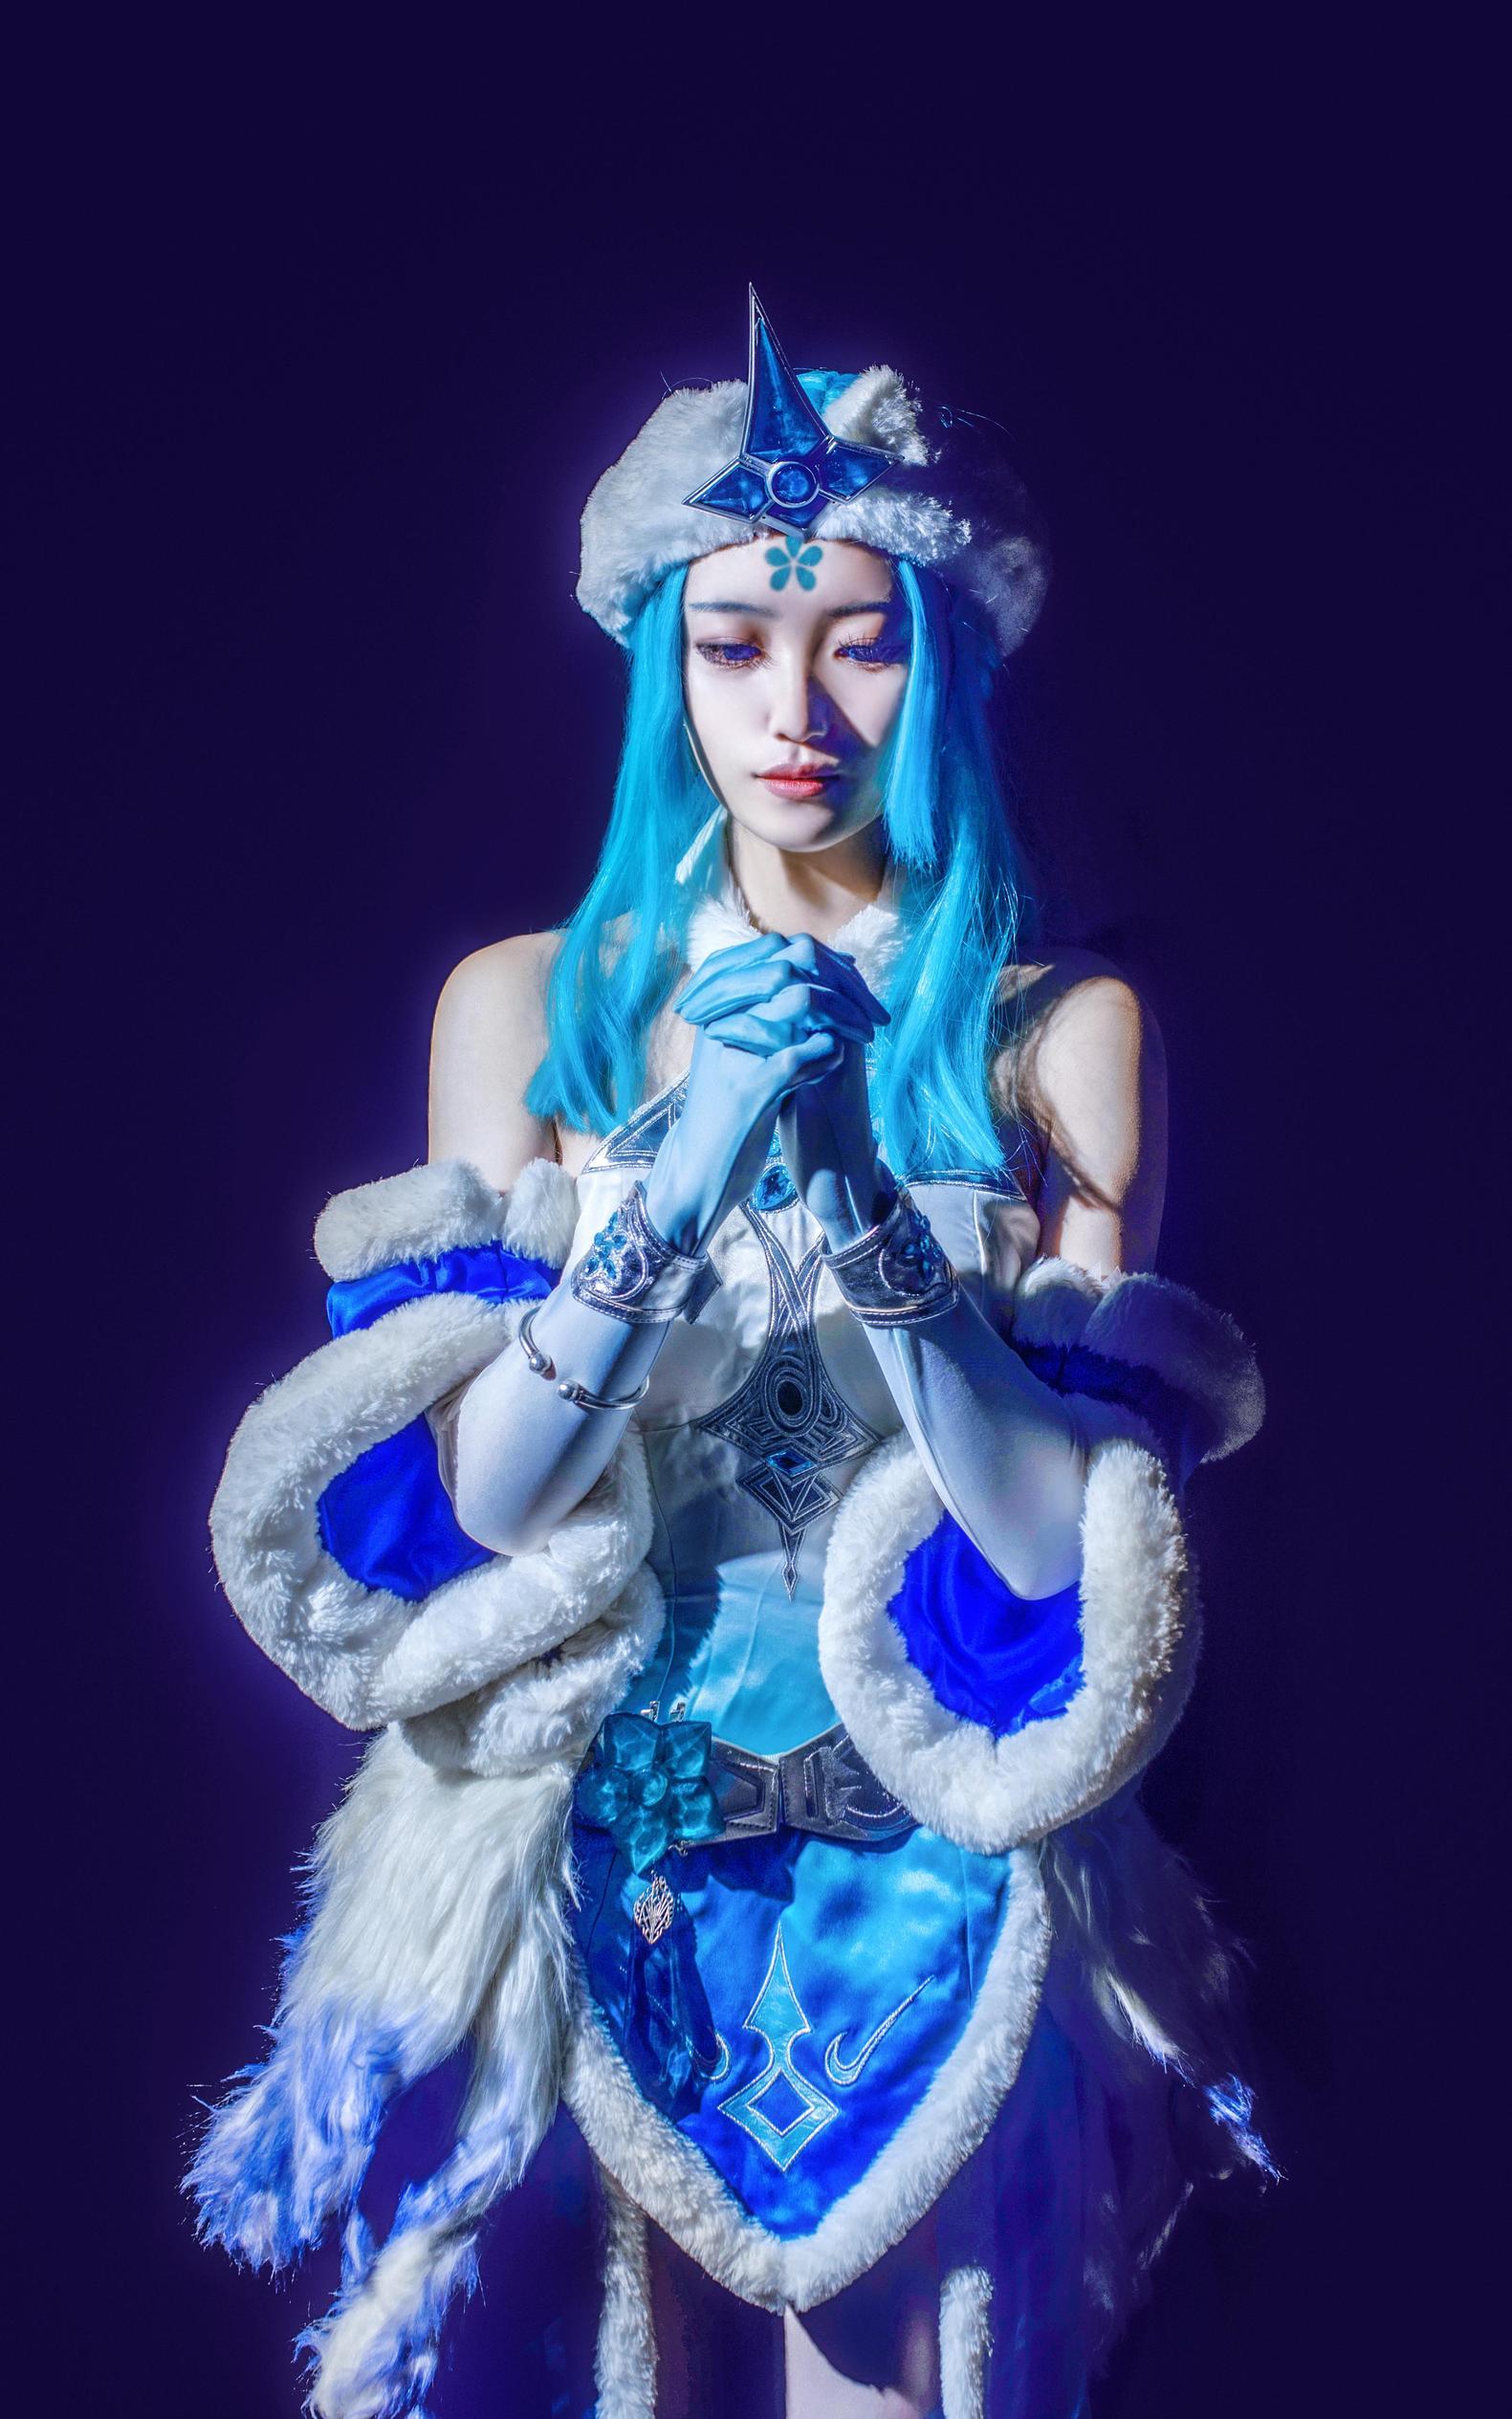 《王者荣耀》王昭君王者荣耀cosplay【CN:落荒而桃】-第2张